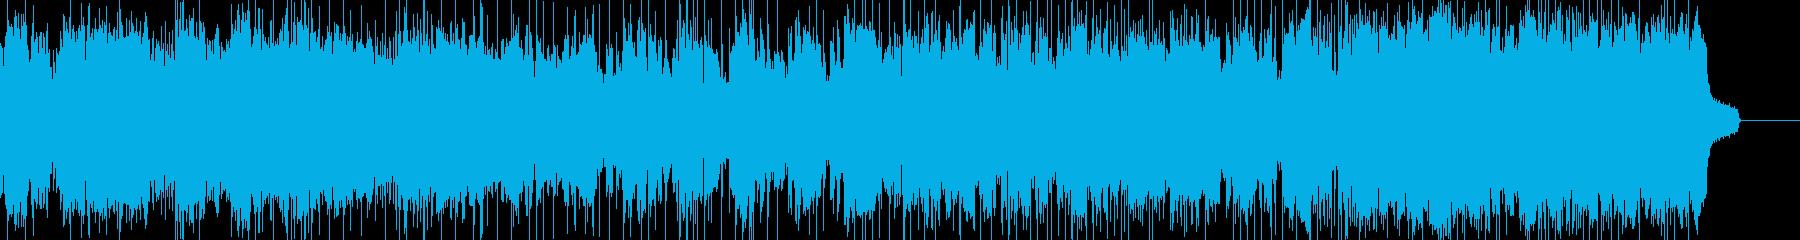 フルートのロックで軽快な曲の再生済みの波形